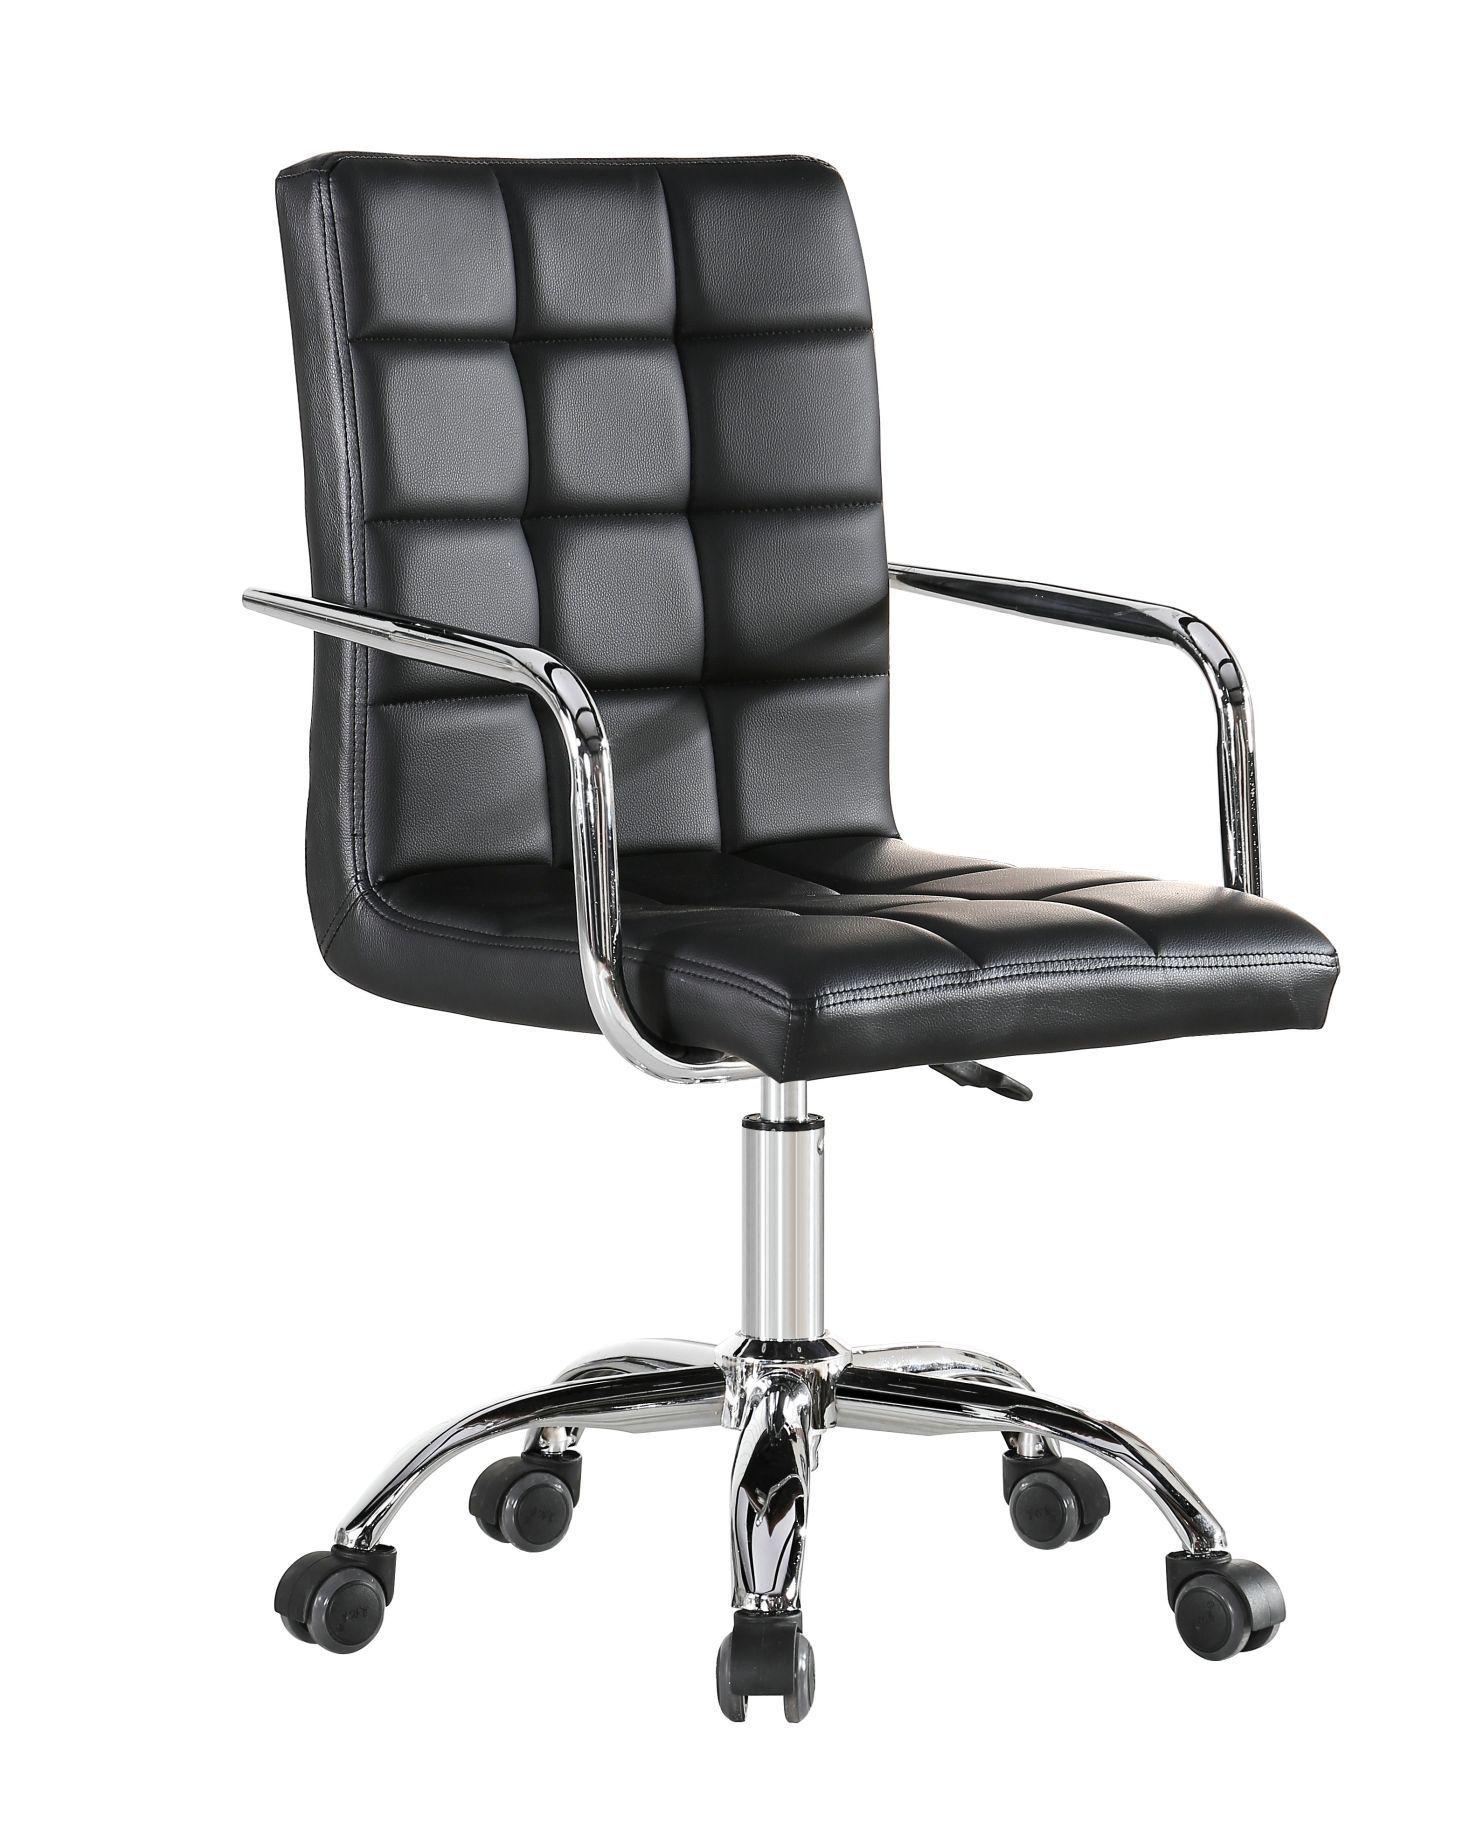 Cadeira Diretor Pelegrin Pel-1102 Couro Pu Preta